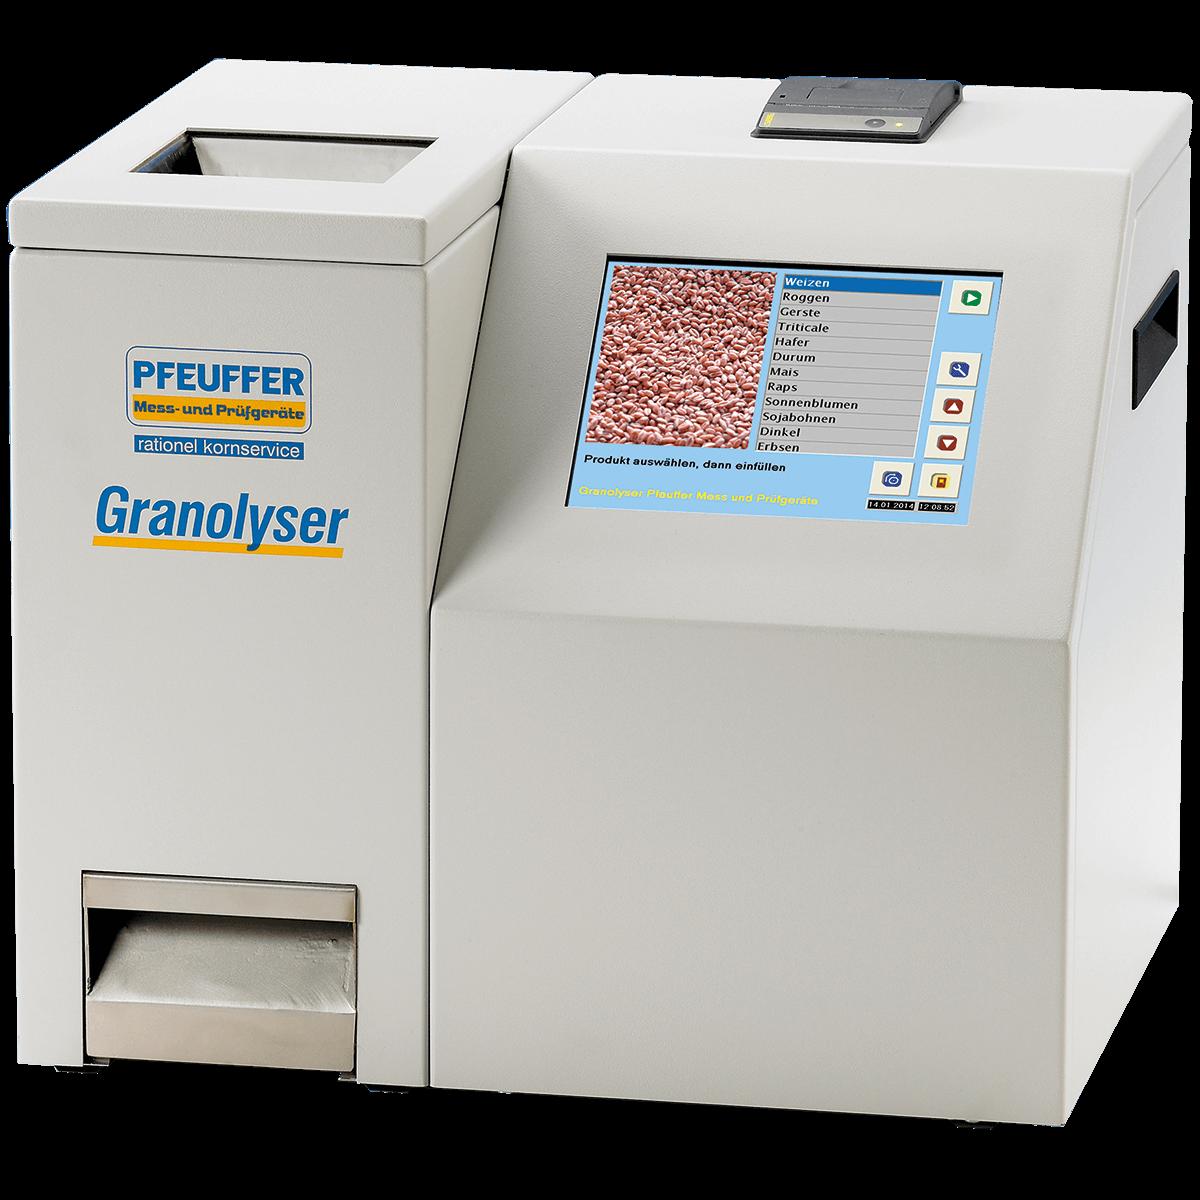 Granolyser NIR Analyse mit intgriertem Drucker